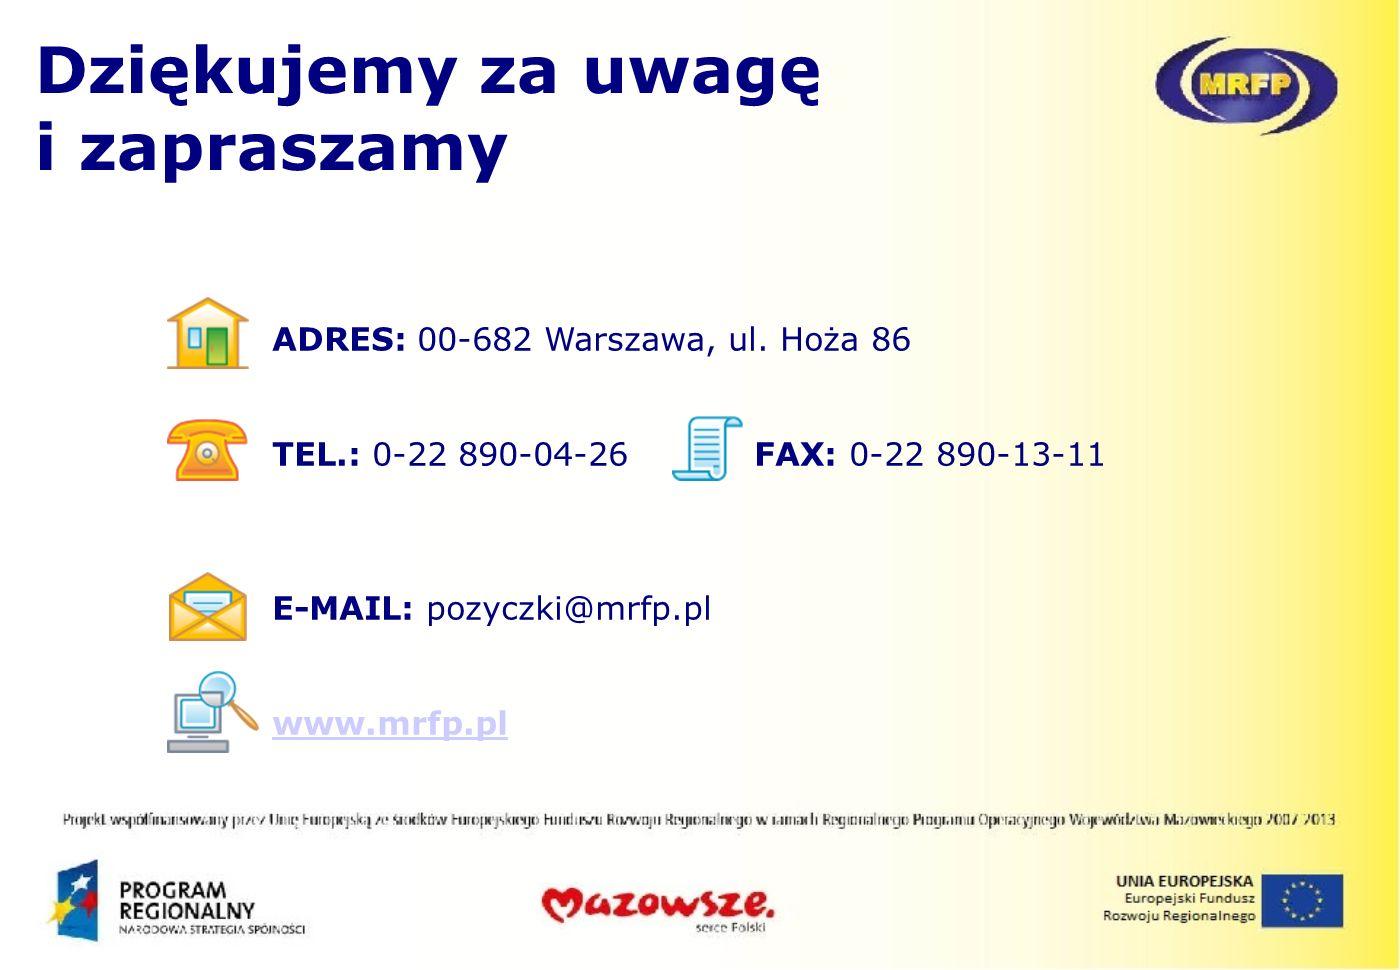 ADRES: 00-682 Warszawa, ul. Hoża 86 TEL.: 0-22 890-04-26 FAX: 0-22 890-13-11 E-MAIL: pozyczki@mrfp.pl www.mrfp.pl Dziękujemy za uwagę i zapraszamy